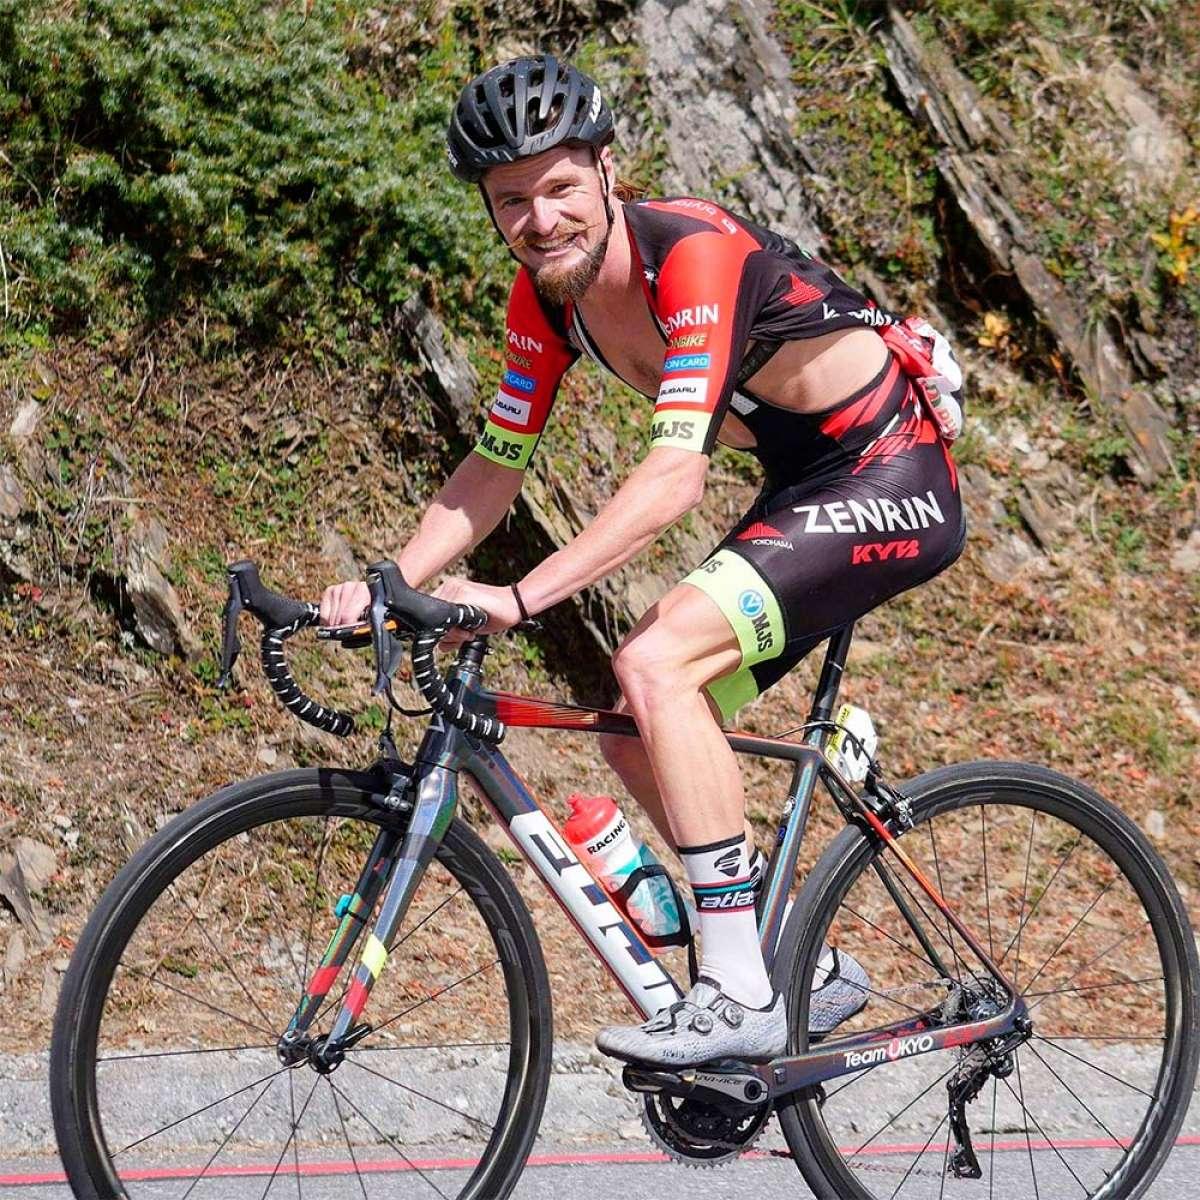 En TodoMountainBike: El ciclista español Óscar Pujol anuncia su retirada del pelotón profesional